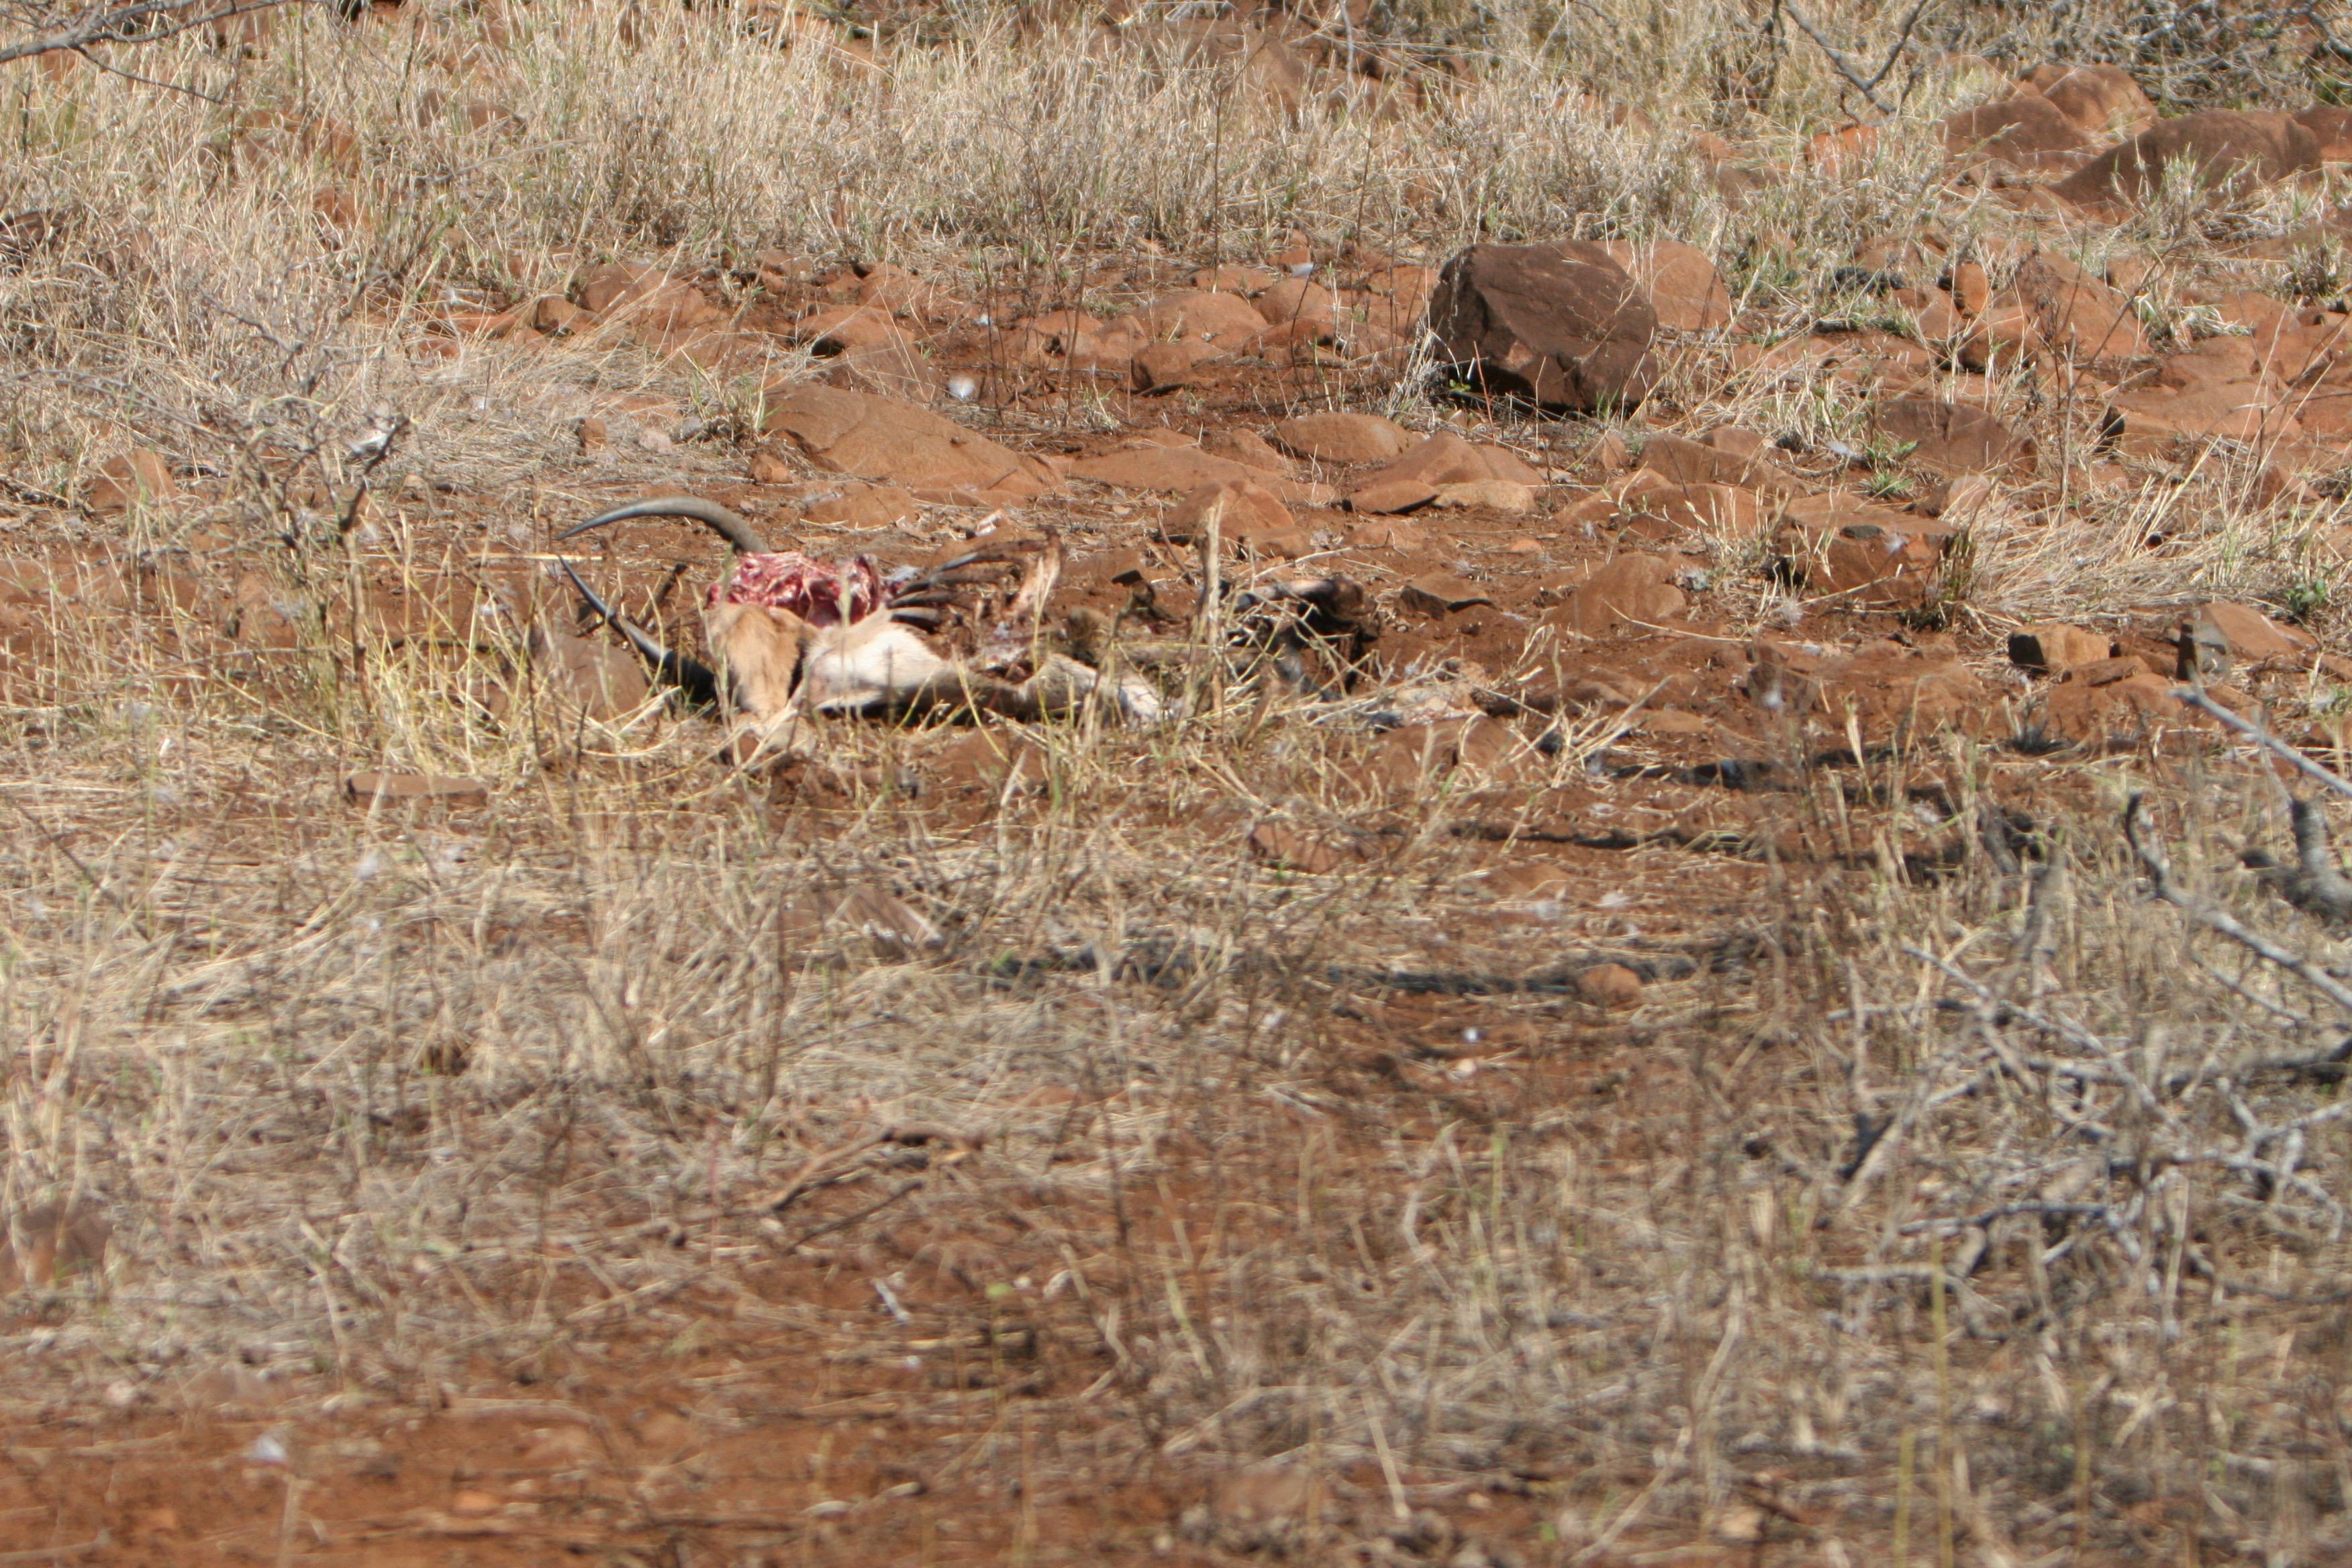 impala carcass.jpg